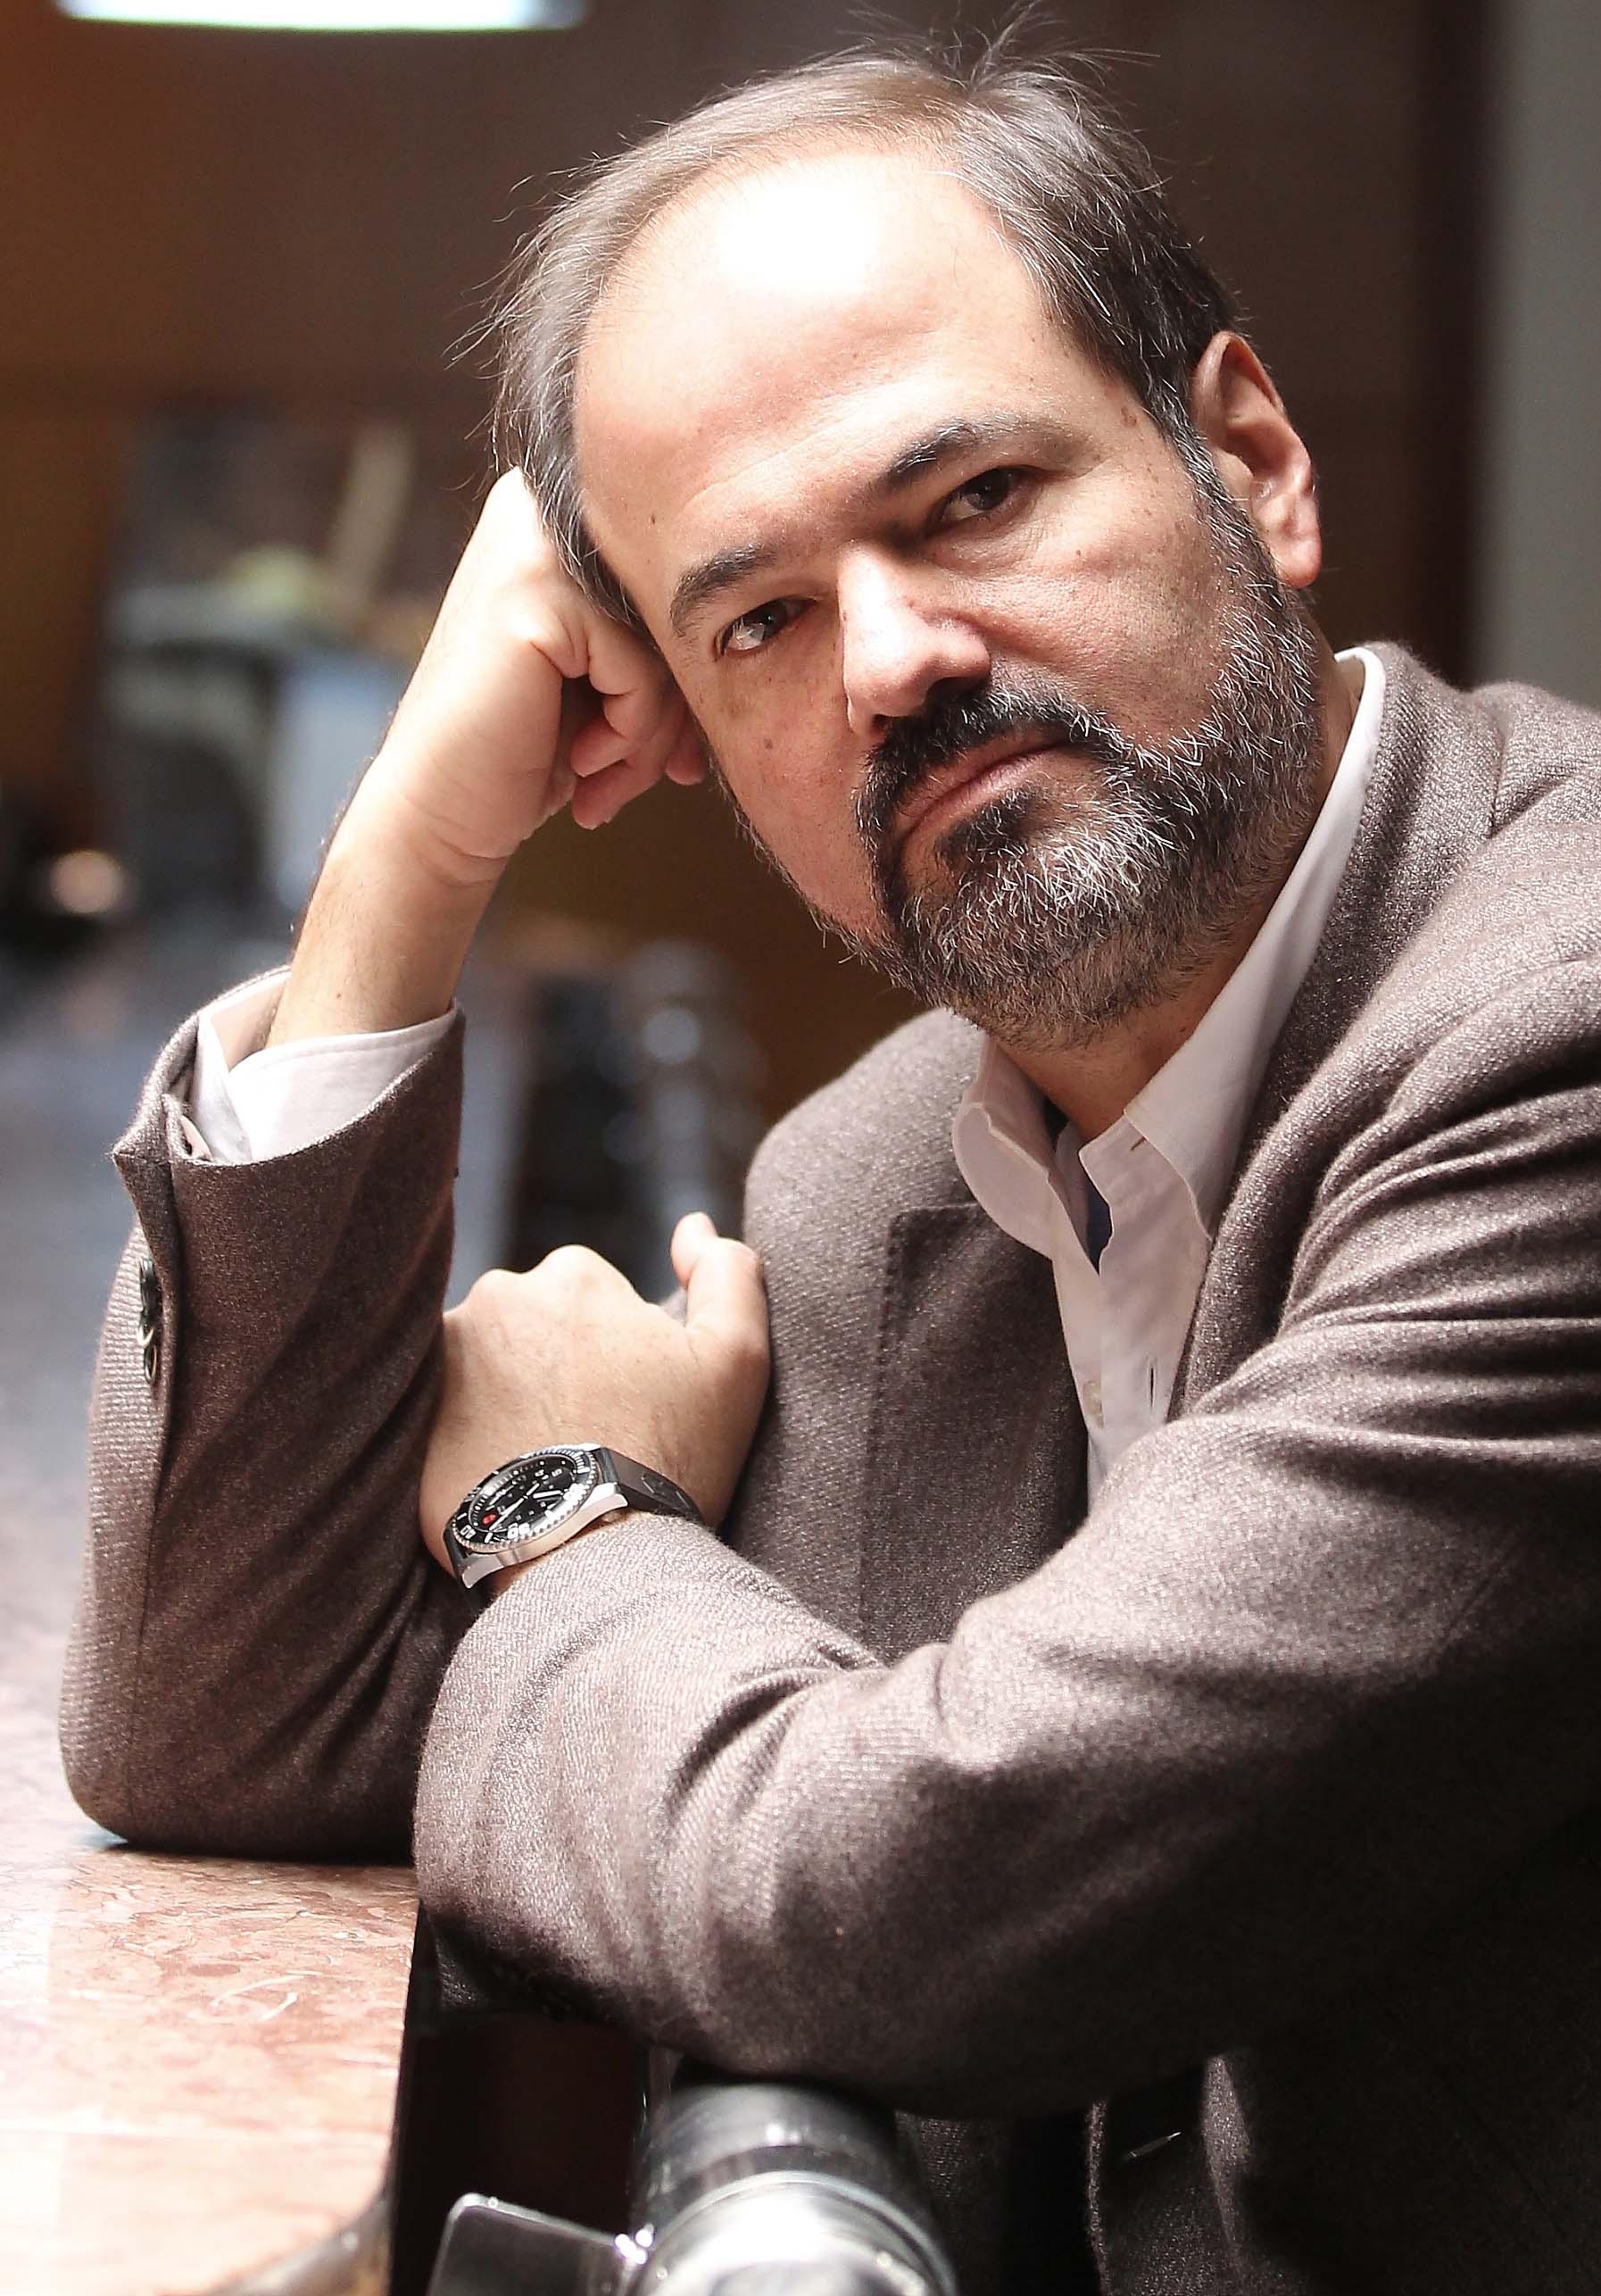 Mexican writer Juan Villoro